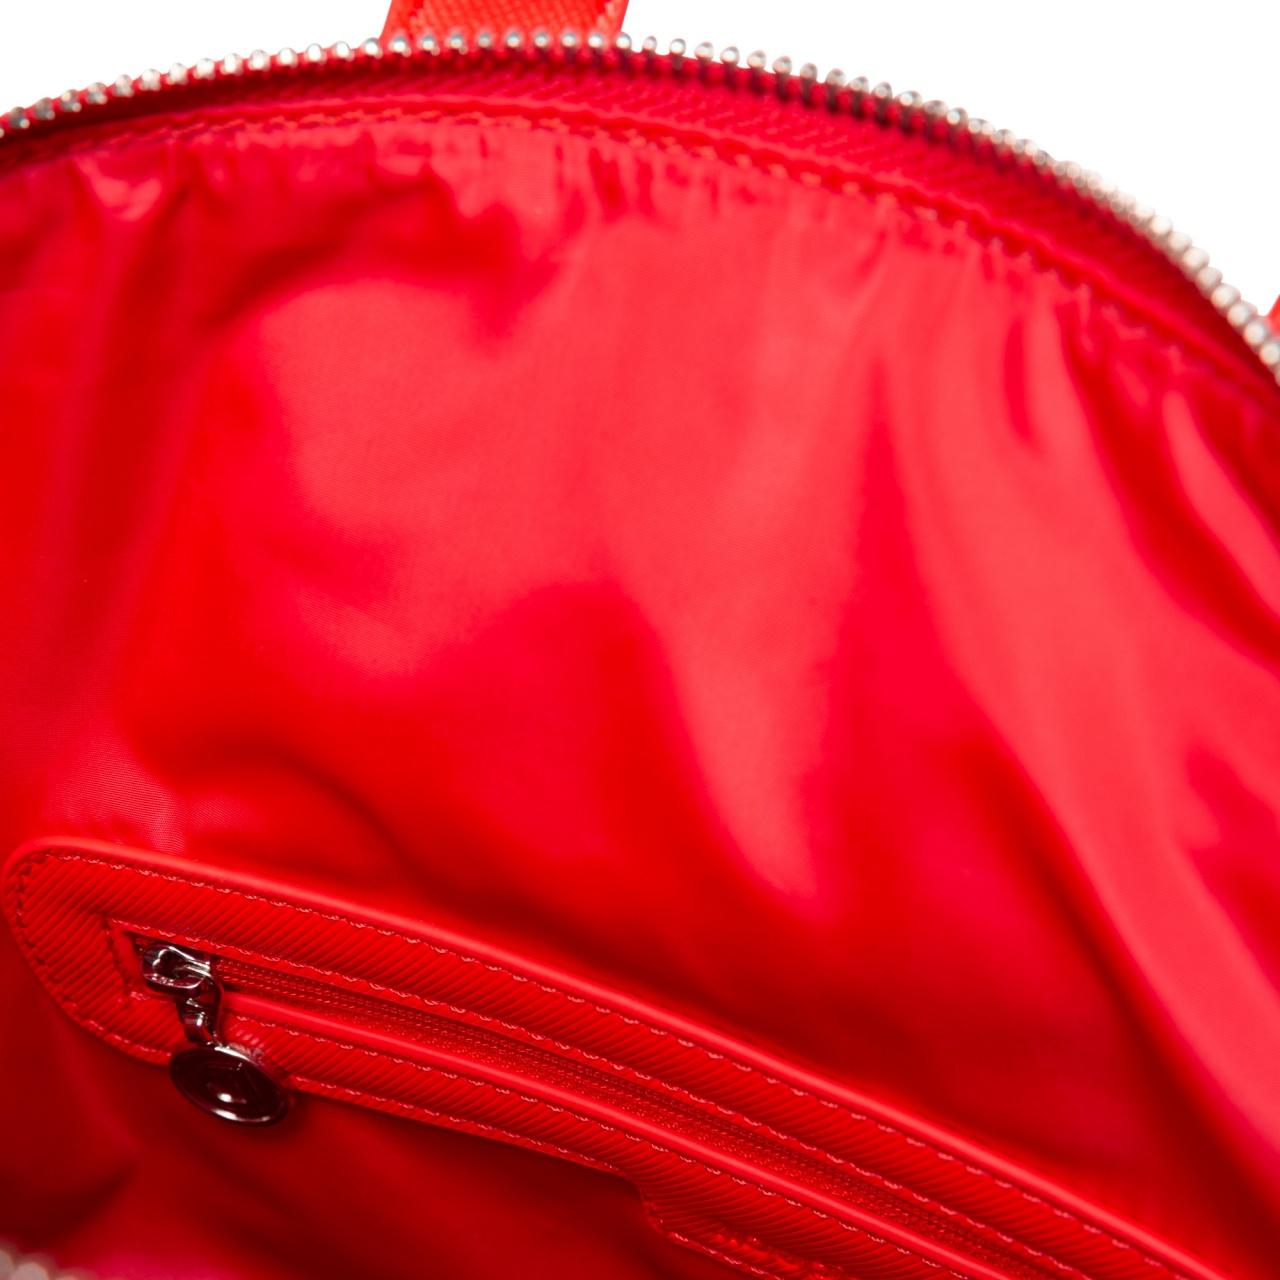 Rucsac Desigual New Colorama Nanaimo, roșu